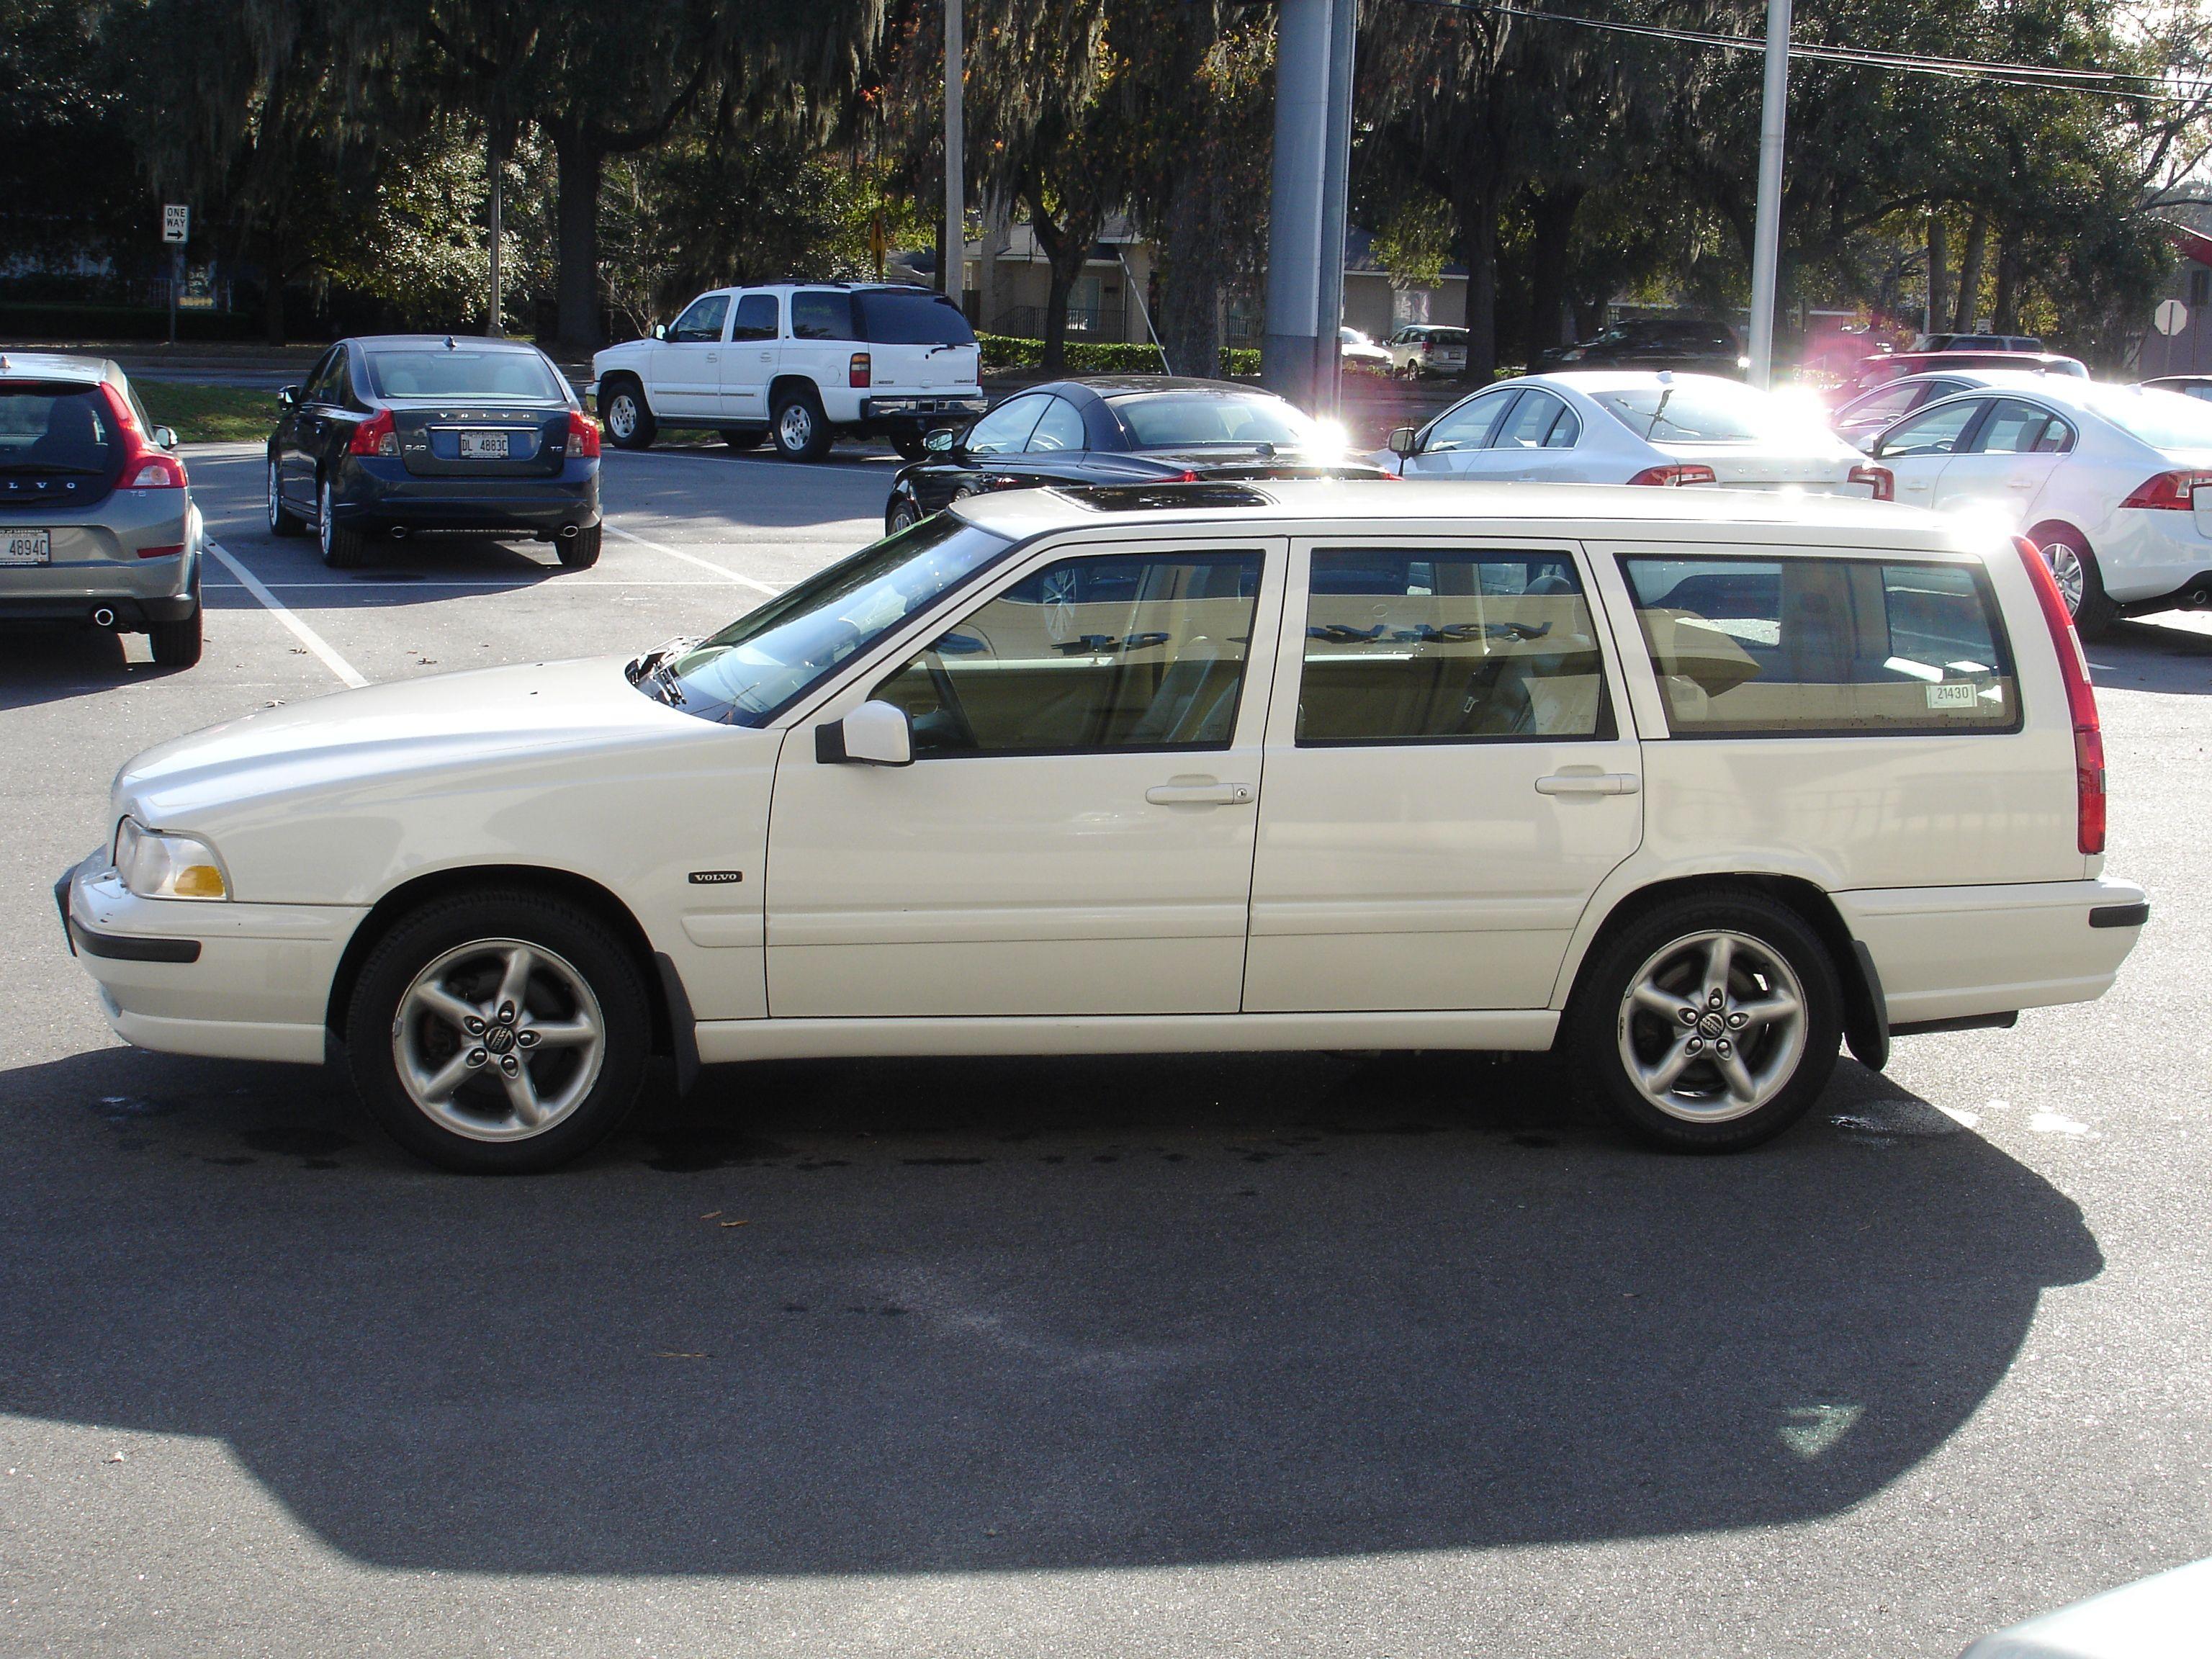 Carolina Volvo Vehicles For Sale In Bluffton Sc 29910 Volvo